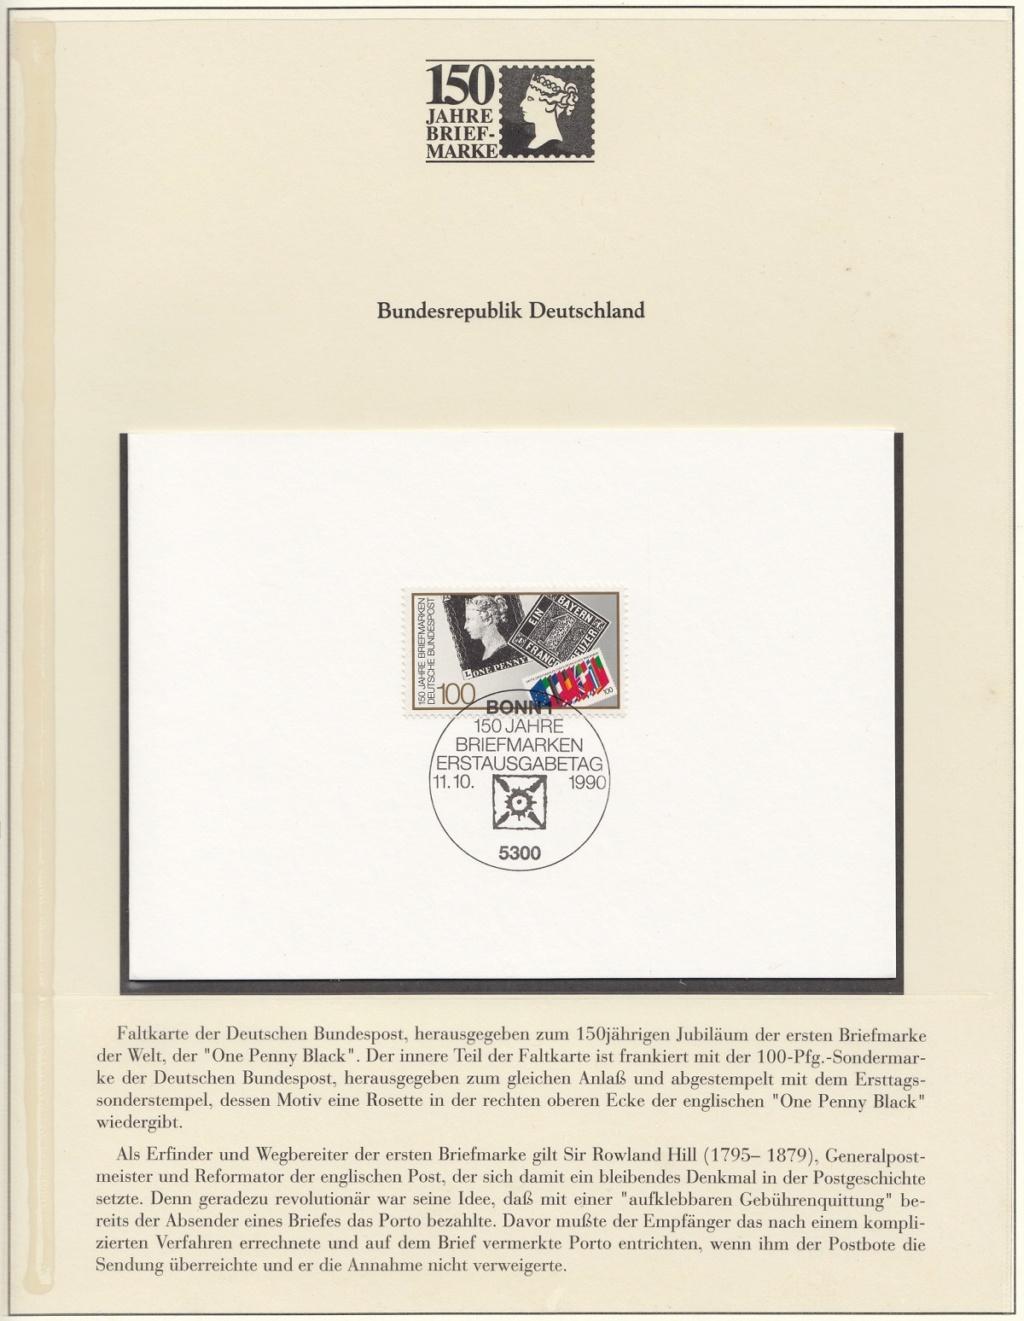 180 Jahre Briefmarke 150-2010